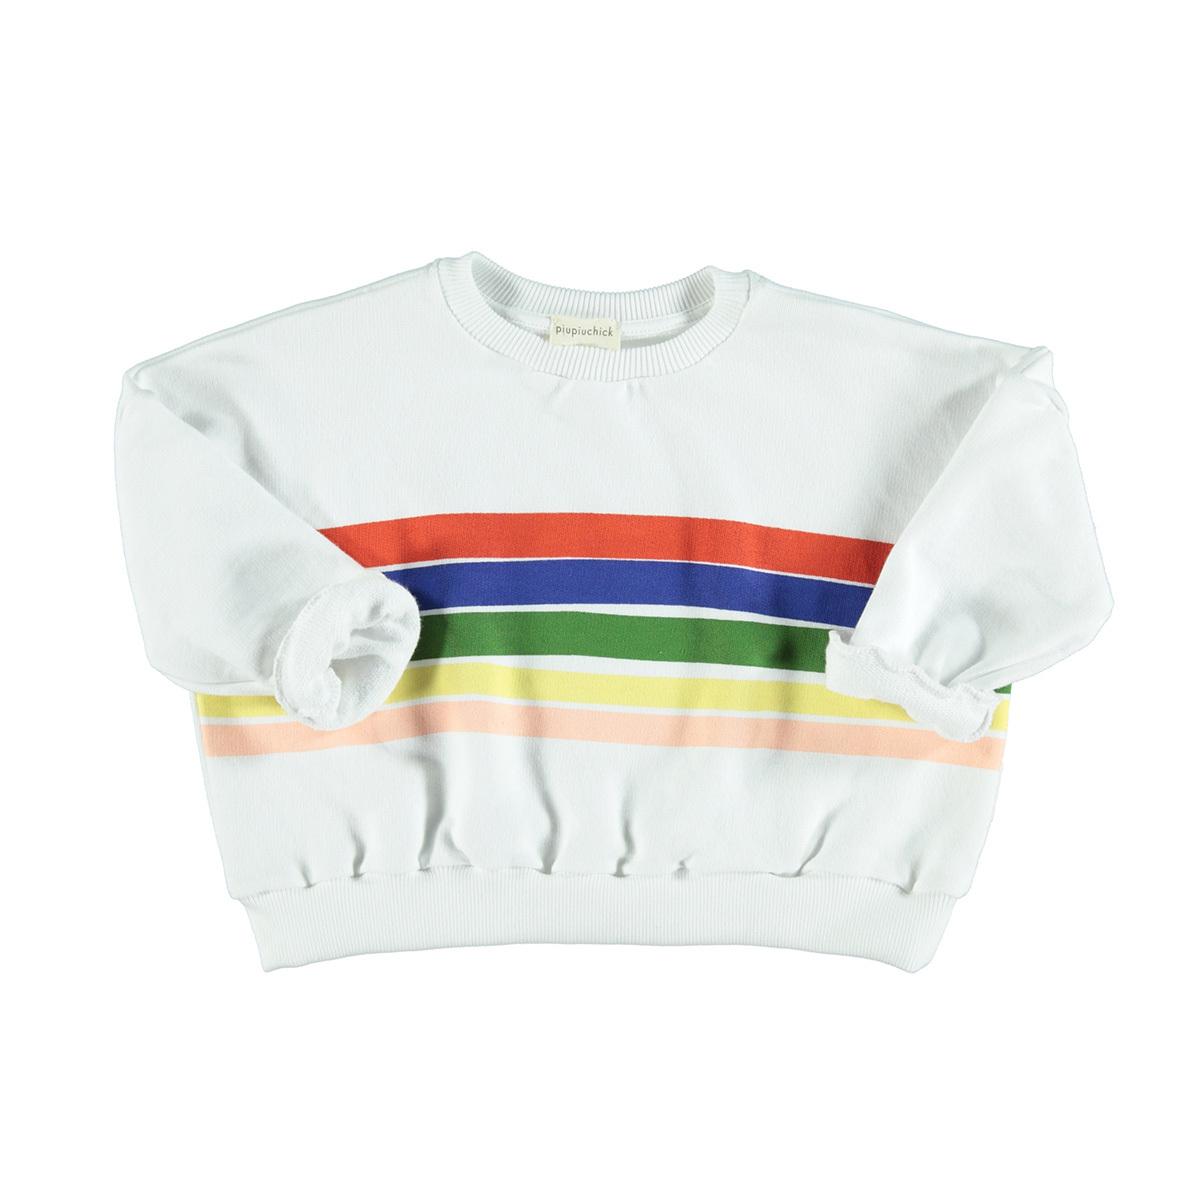 Haut bébé Sweatshirt Arc-en-Ciel - 18 Mois Sweatshirt Arc-en-Ciel - 18 Mois